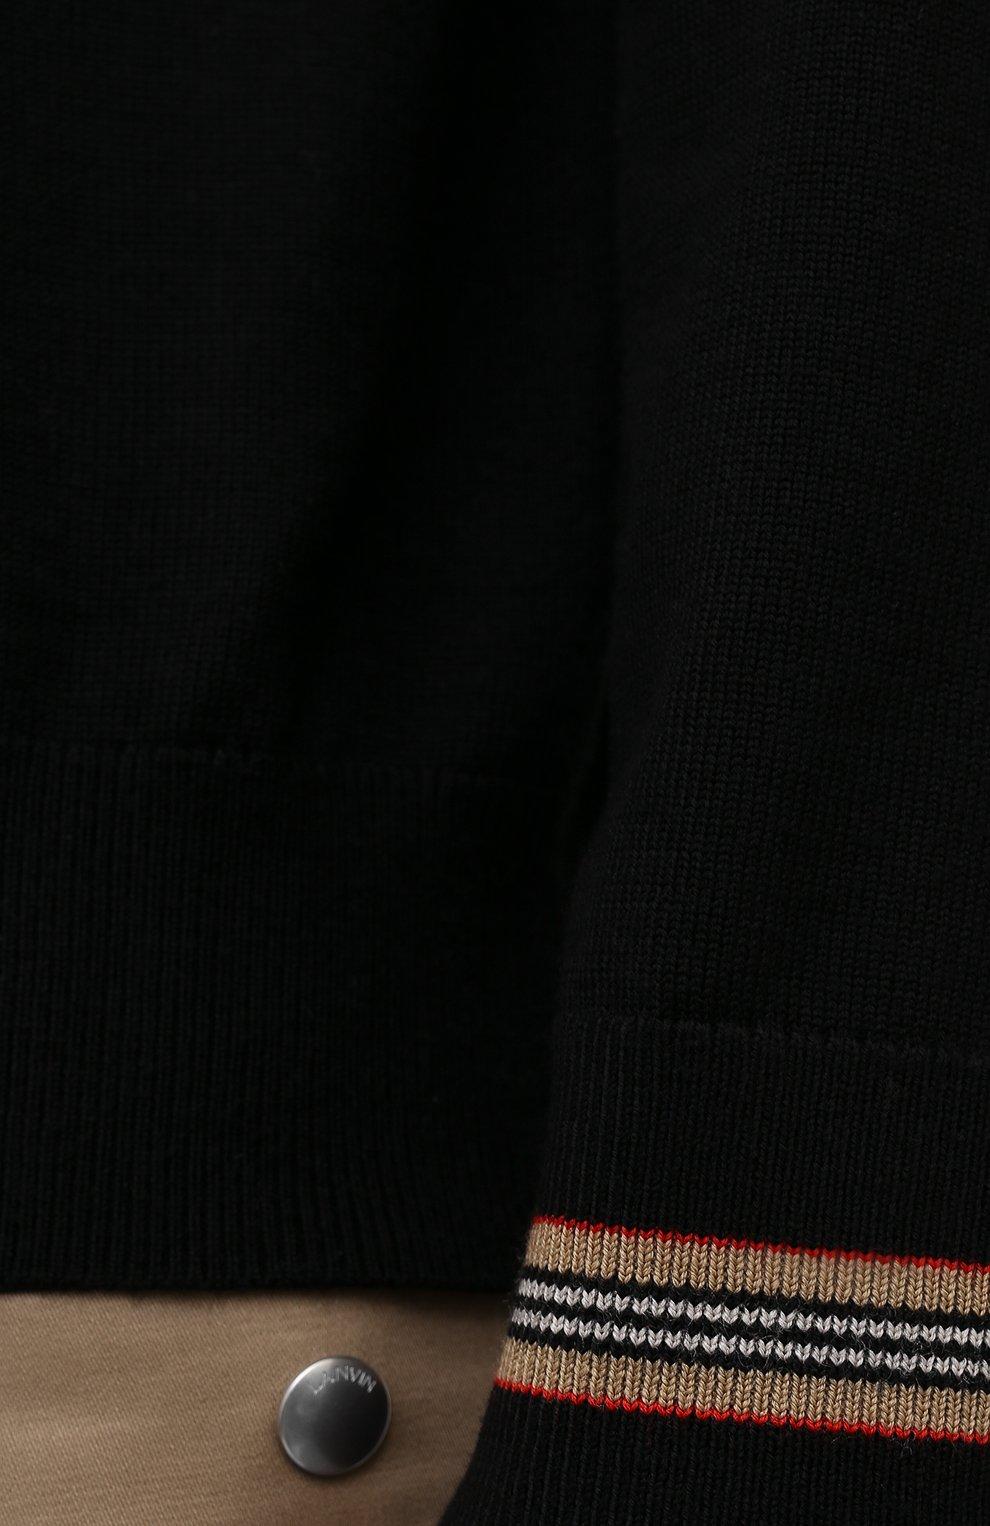 Мужской шерстяной джемпер BURBERRY черного цвета, арт. 8033201 | Фото 5 (Мужское Кросс-КТ: Джемперы; Материал внешний: Шерсть; Рукава: Длинные; Принт: Без принта; Длина (для топов): Стандартные; Вырез: Круглый; Стили: Кэжуэл)